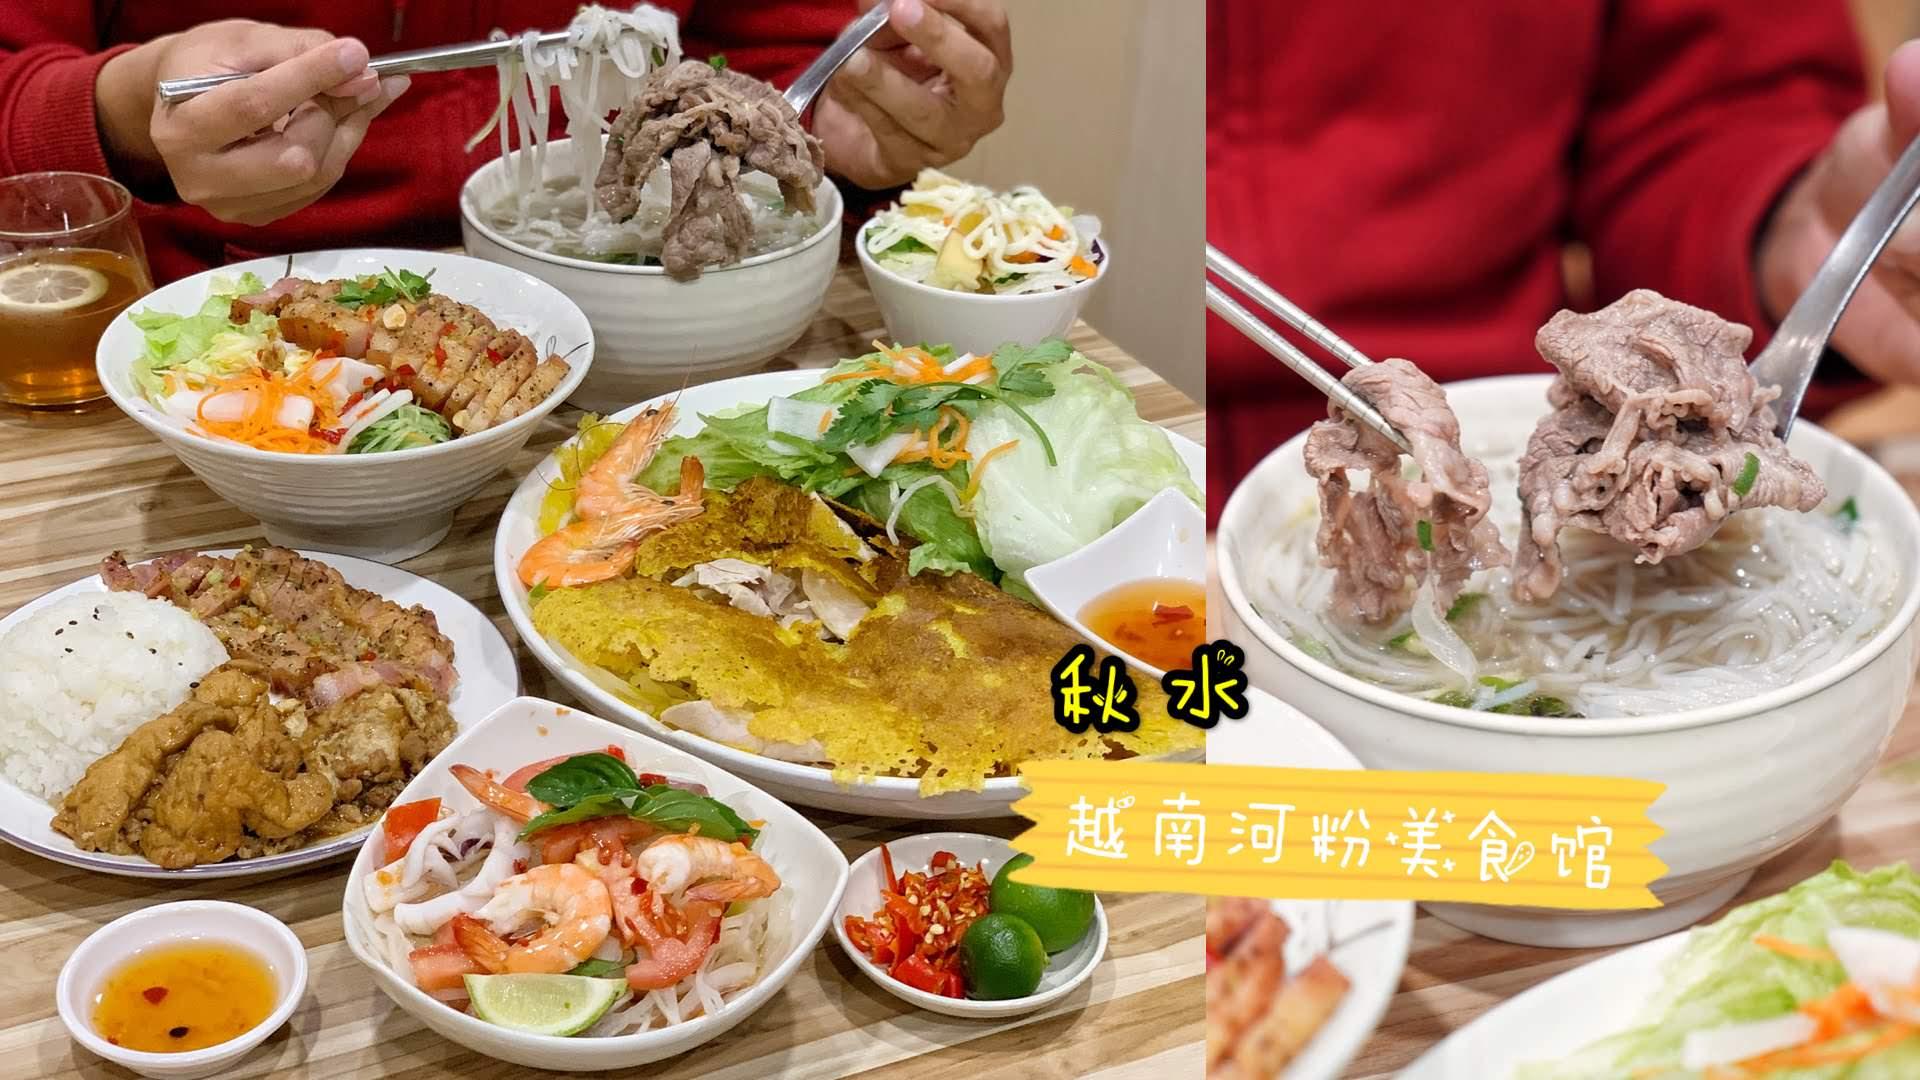 中華 街 南 美食